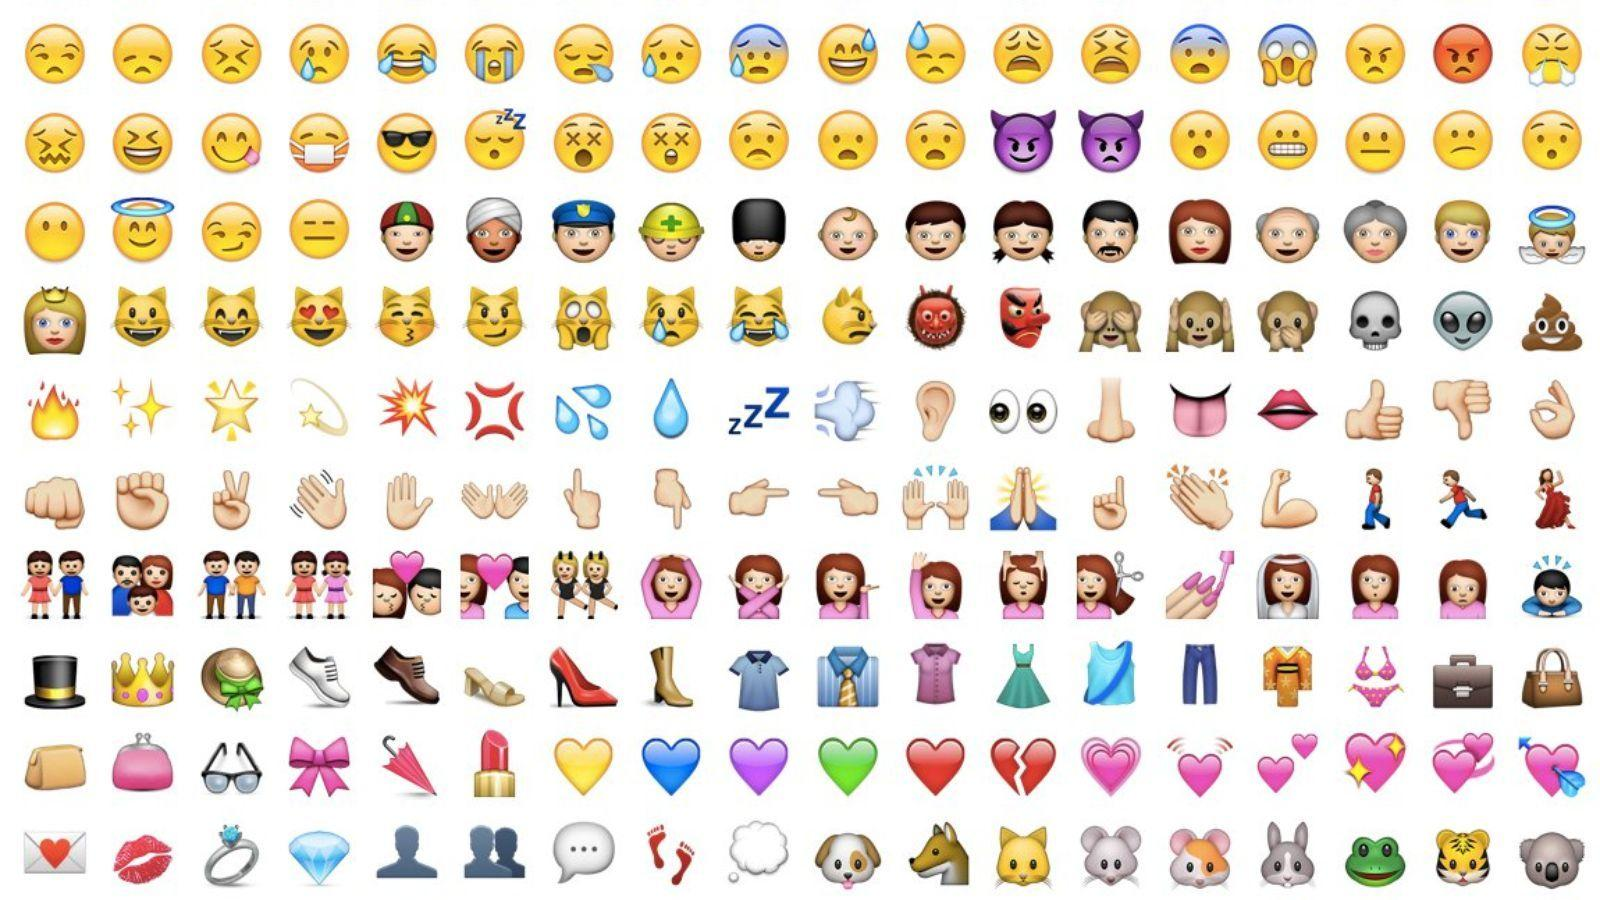 Emojis Wallpapers 1600x900